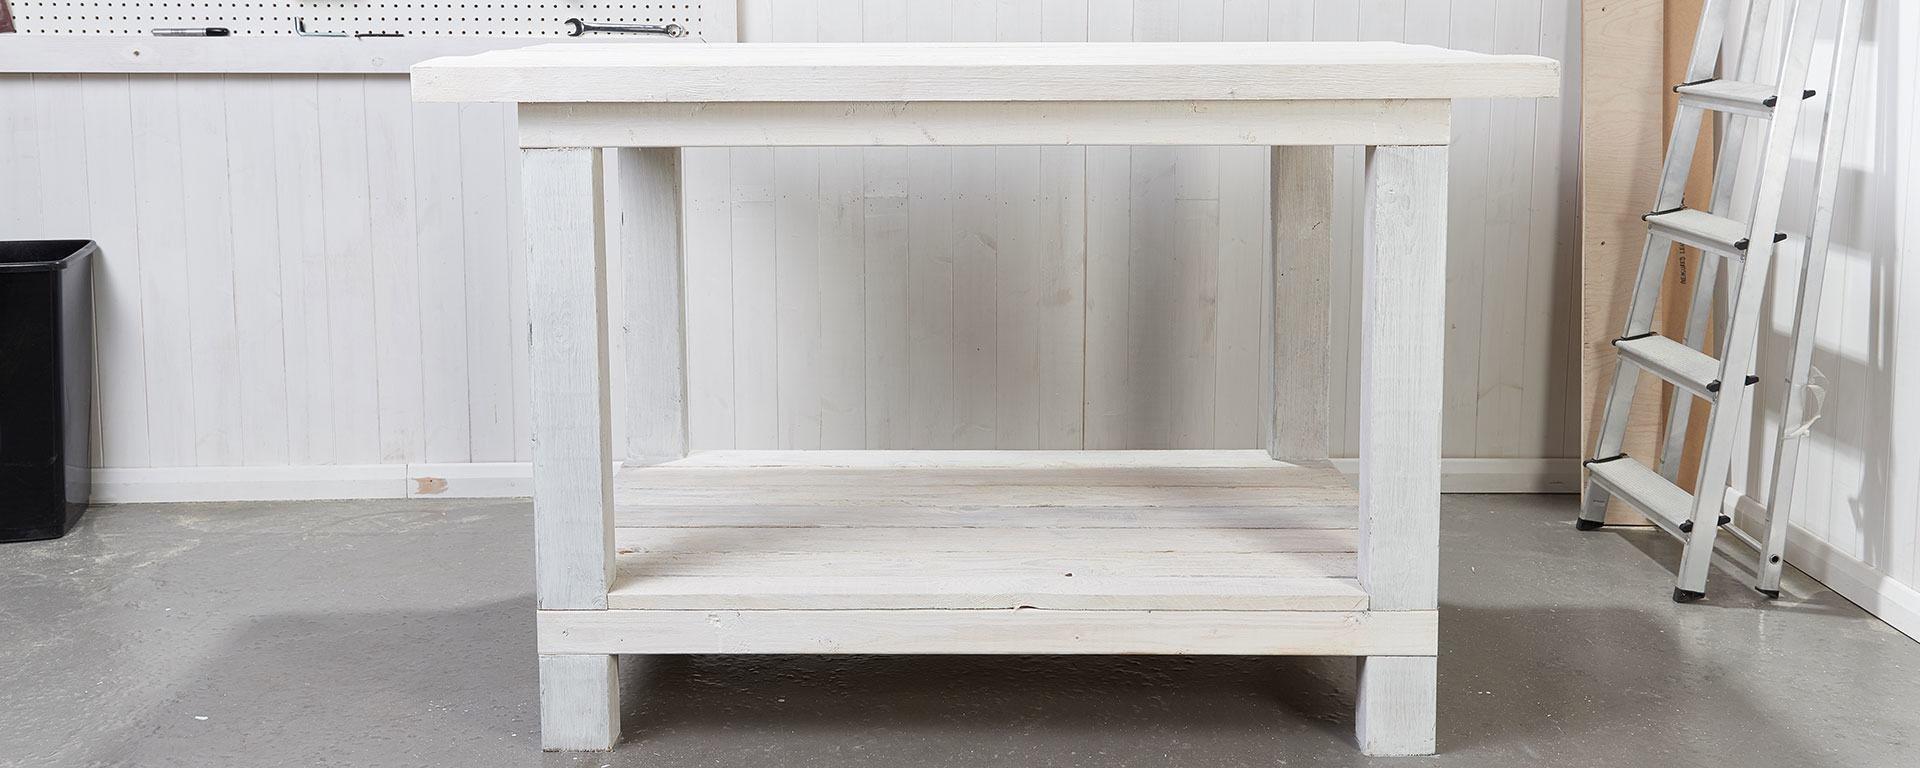 100 whitewashed wood paneling racks pickled cabinet finish